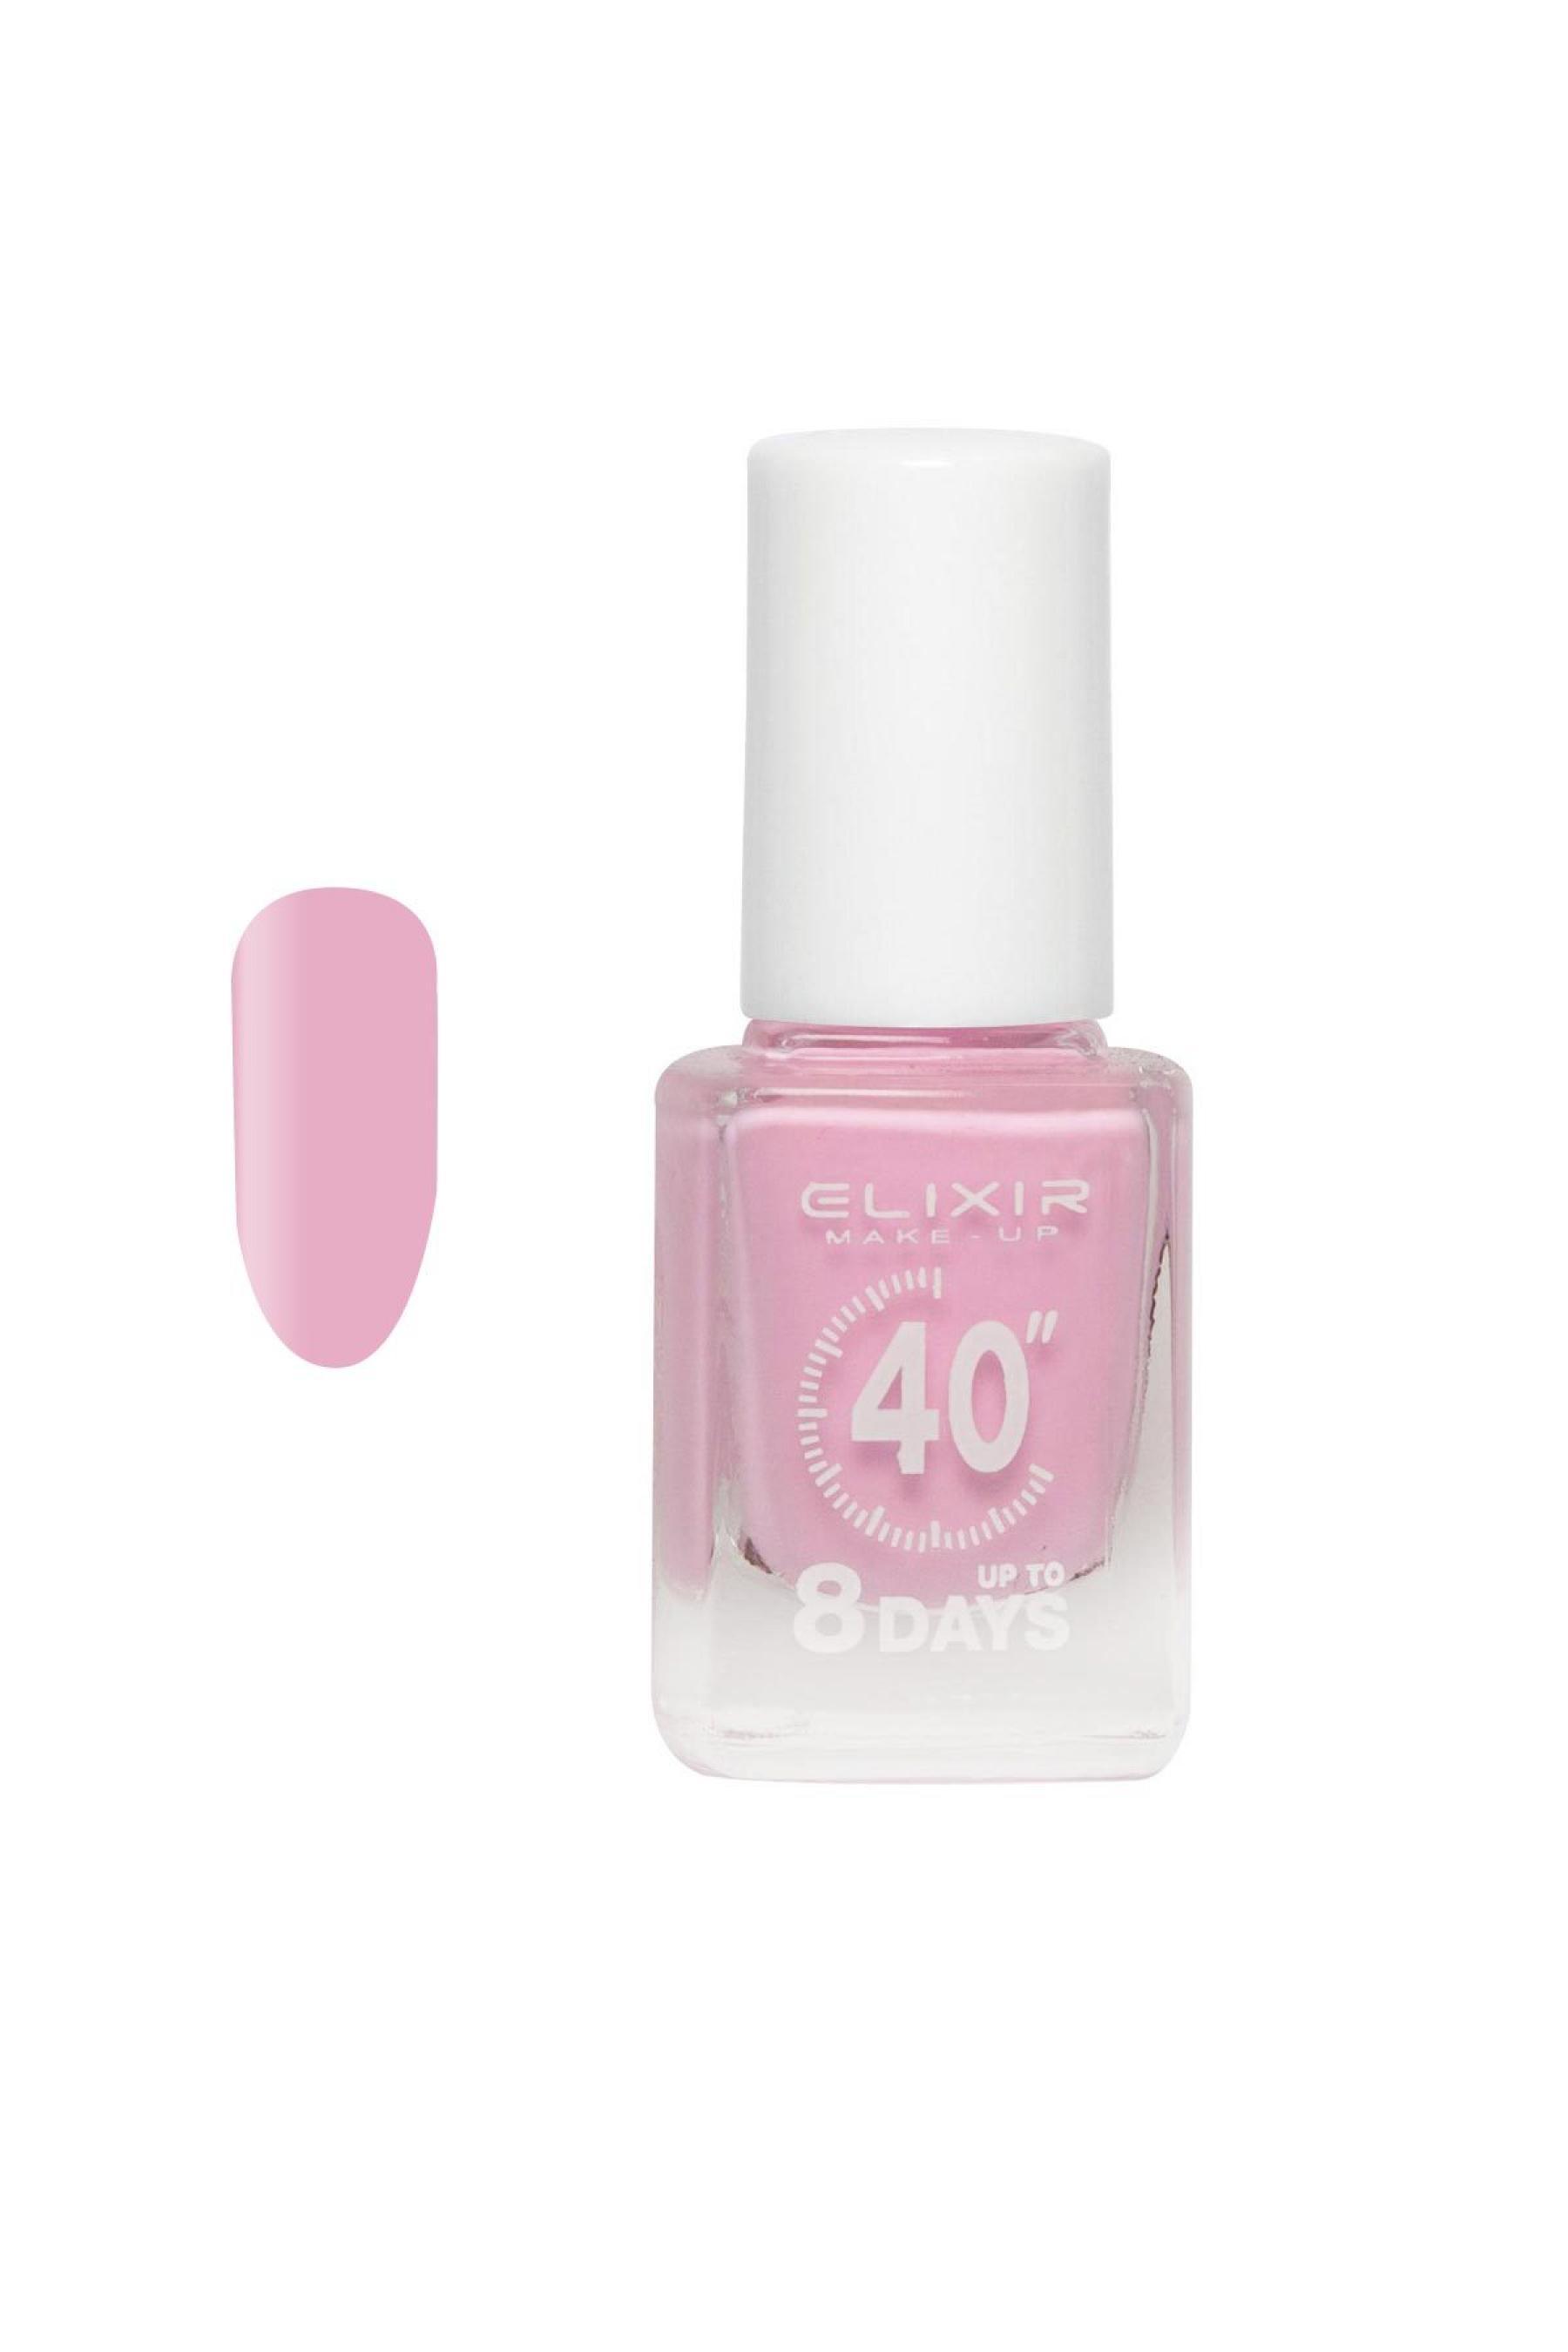 Βερνίκι 40″ Up to 8 Days 133 (Baby Pink)